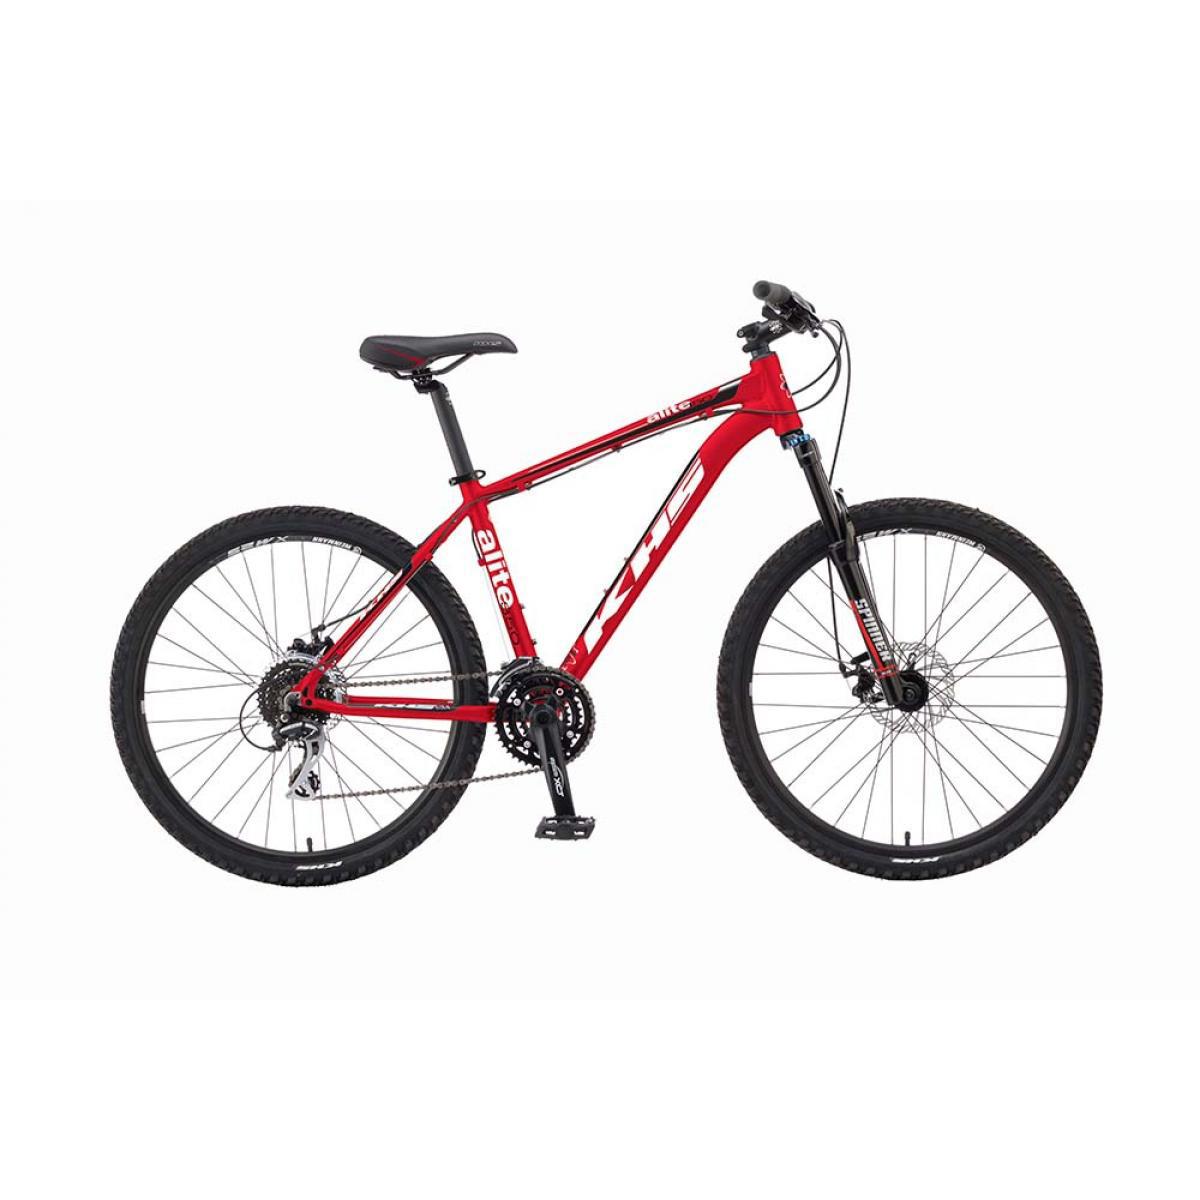 Велосипед горный KHS Alite 350 2016, цвет: красный, рама 15, колесо 26258556